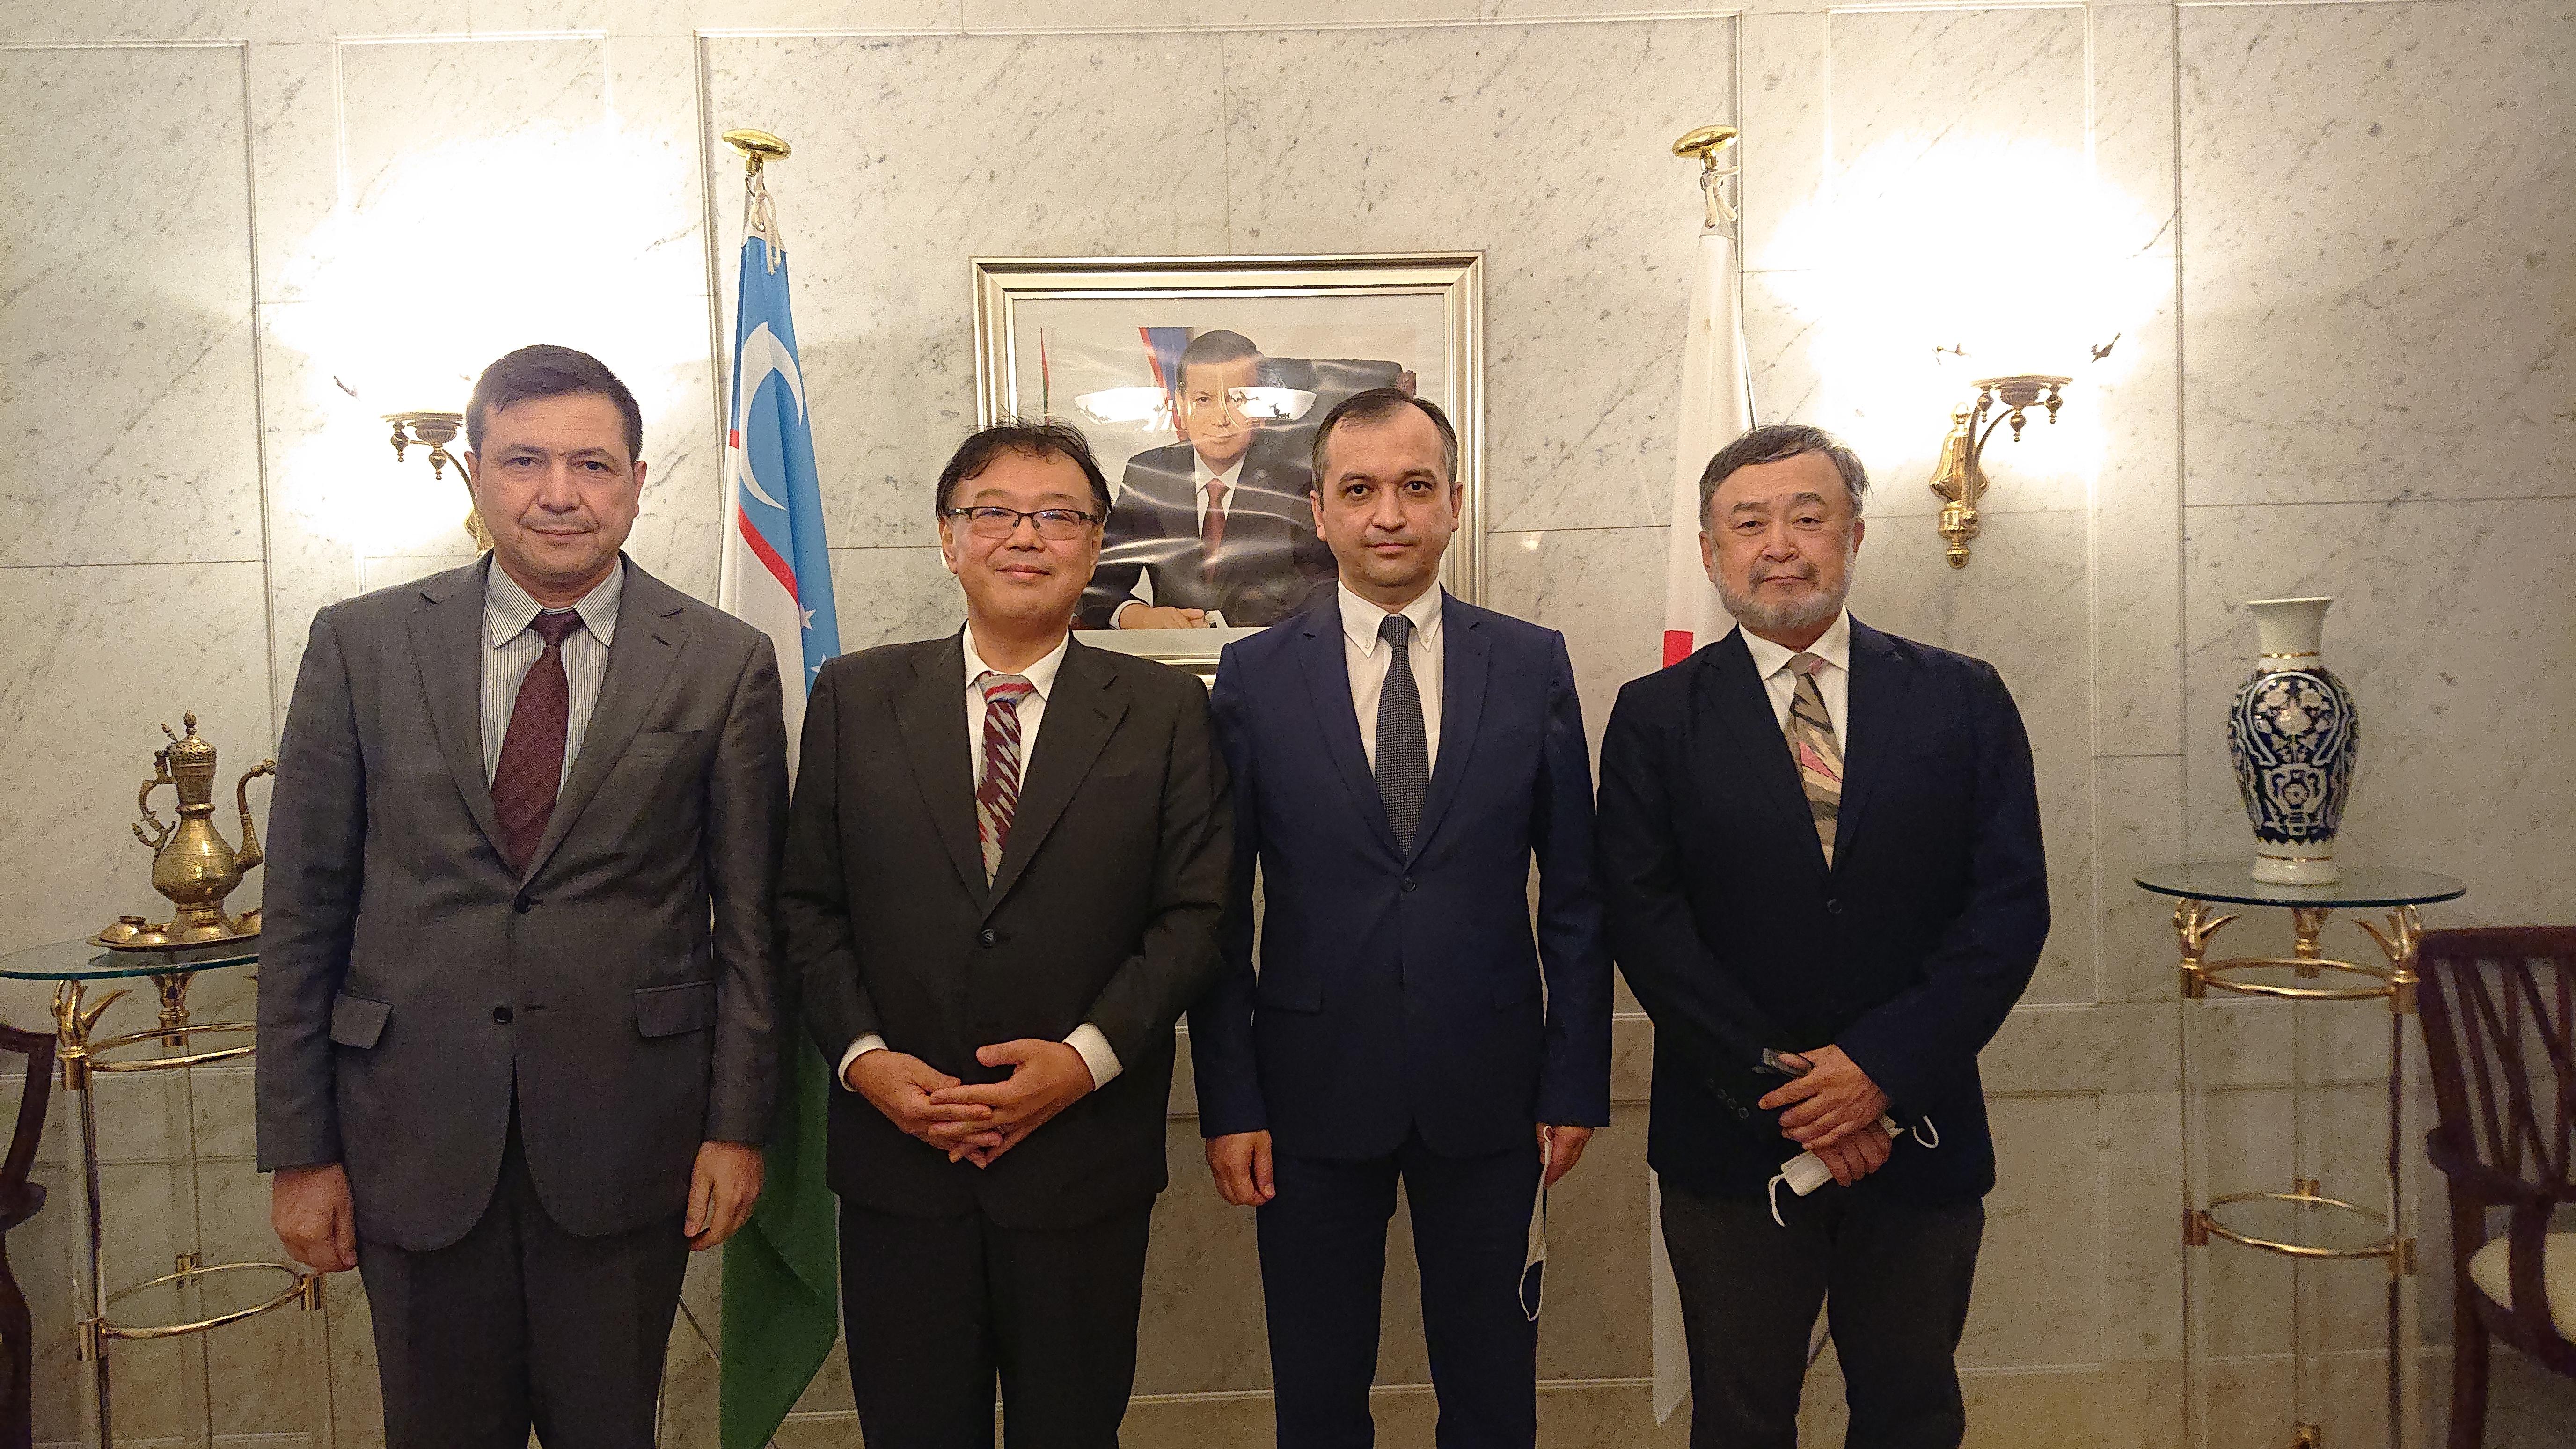 #五十嵐匠 #ウズベキスタン #大使館